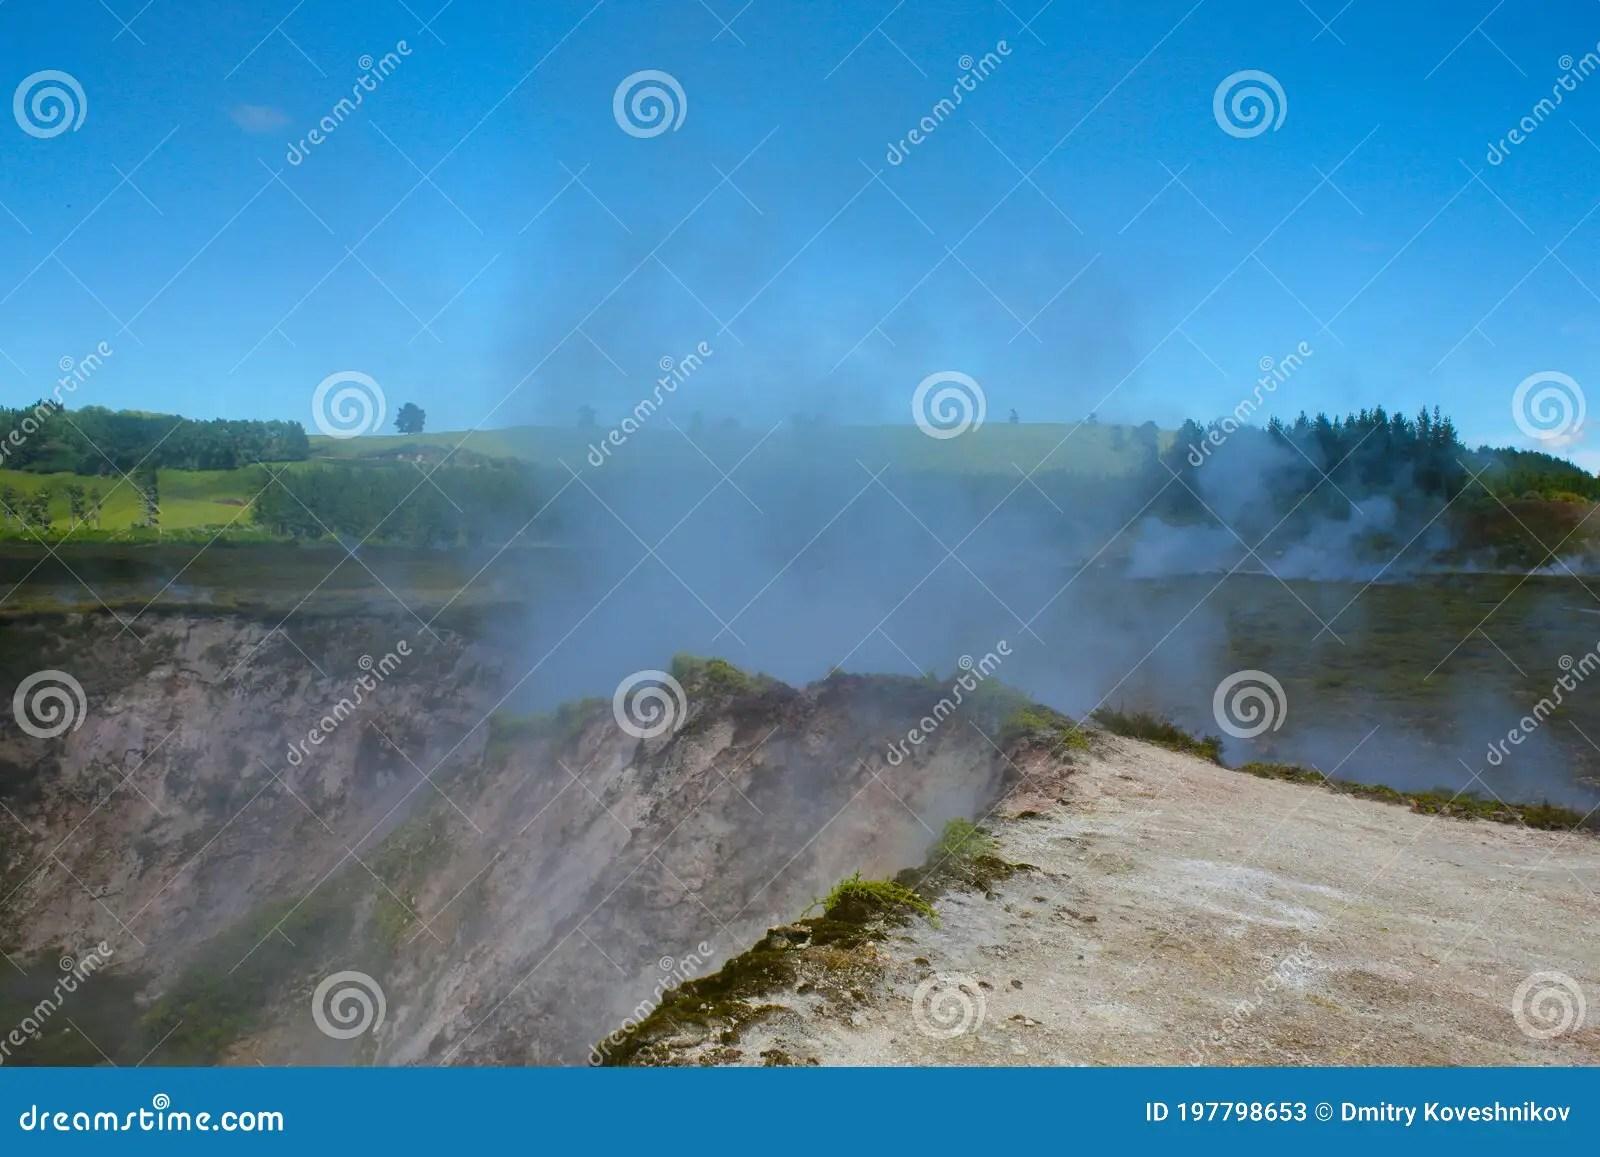 de geyser pohutu dans la vallee whakarewarewa thermique de rotorua dans l ile du nord de la nouvelle zelande pohutu veut dire l image stock image du exterieur fontaine 197798653